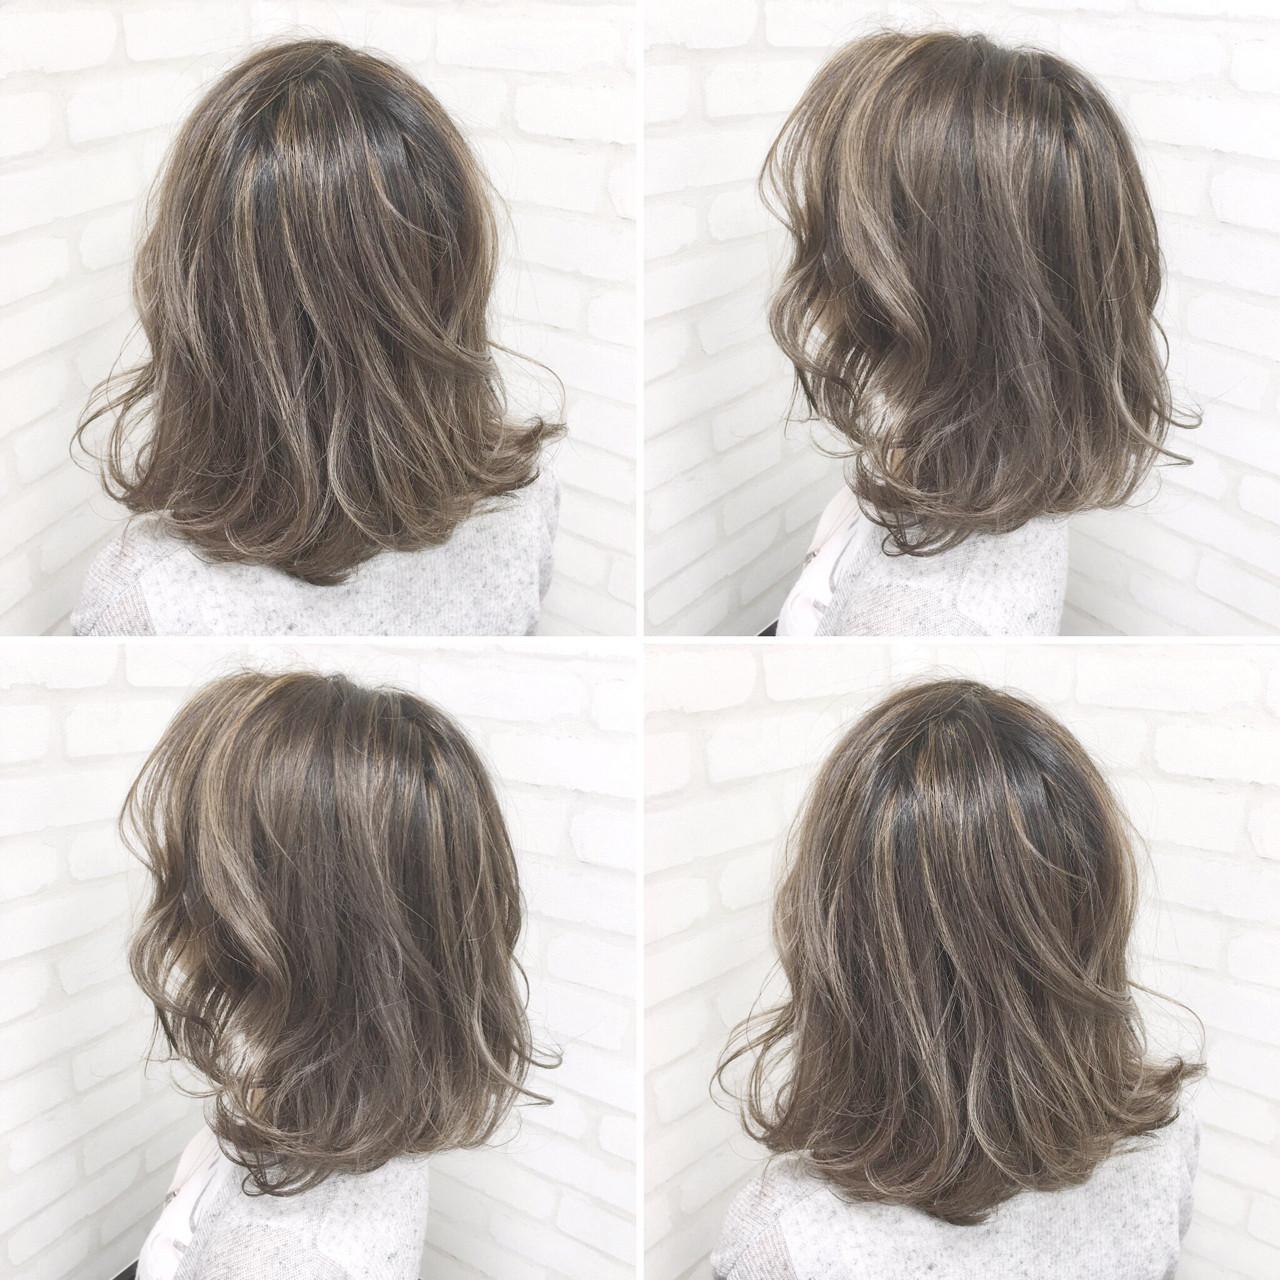 アッシュ メッシュ ボブ 暗髪 ヘアスタイルや髪型の写真・画像